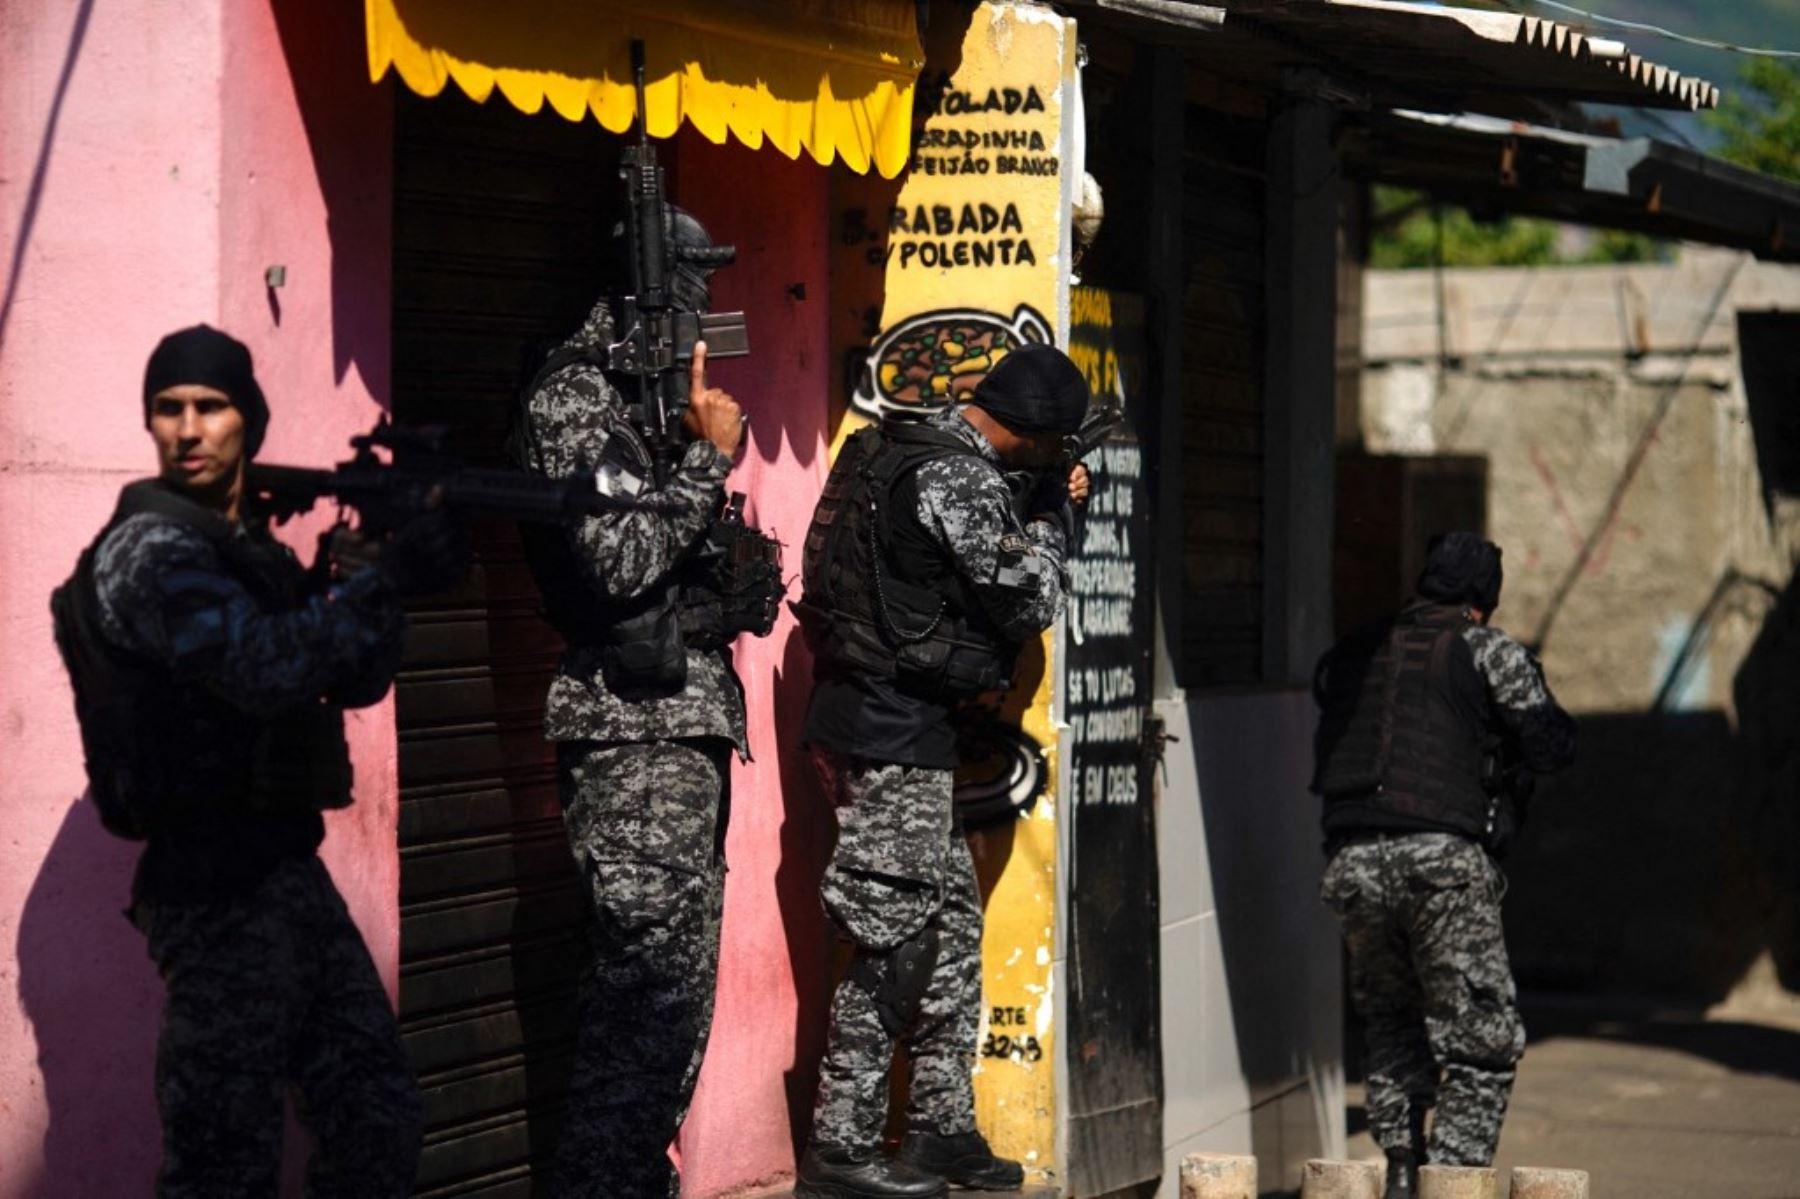 Agentes de la Policía Civil de Río son vistos durante una operación policial contra narcotraficantes en la favela Jacarezinho en el estado de Río de Janeiro, Brasil, el 6 de mayo de 2021. Foto: AFP